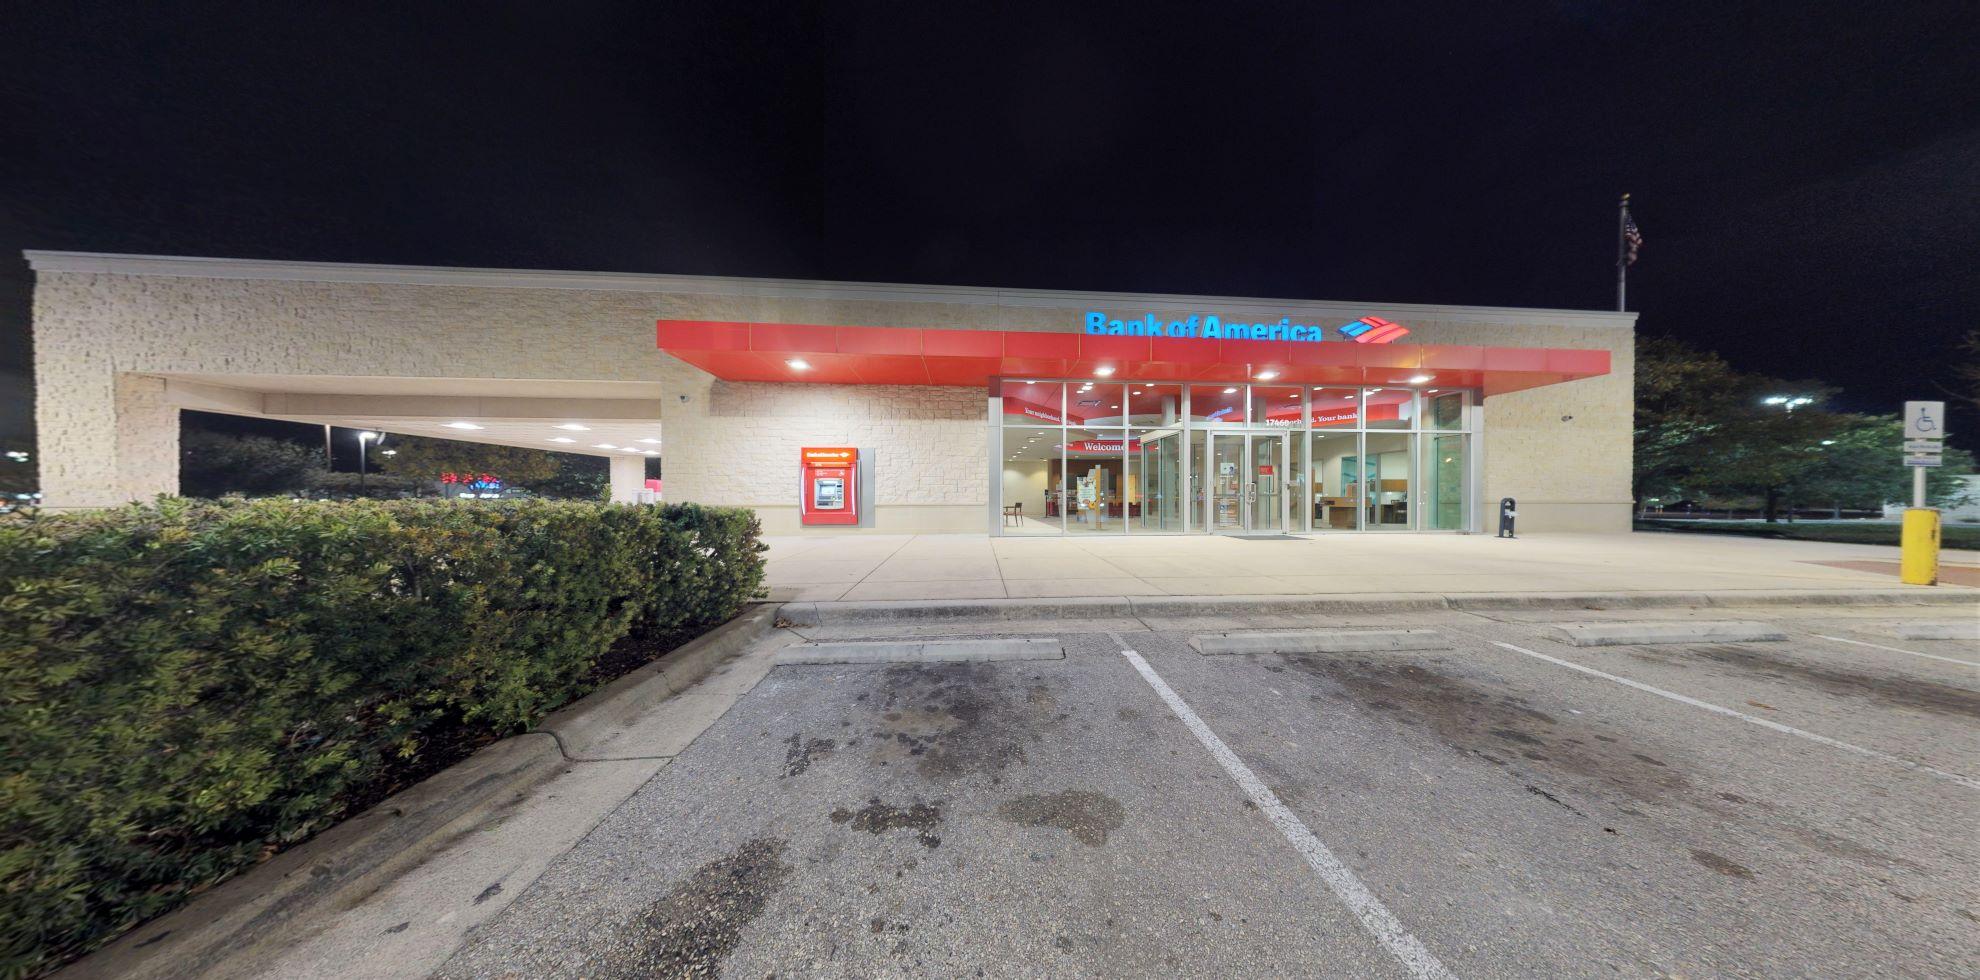 Bank of America financial center with drive-thru ATM | 17460 Interstate 35 N STE 300, Schertz, TX 78154